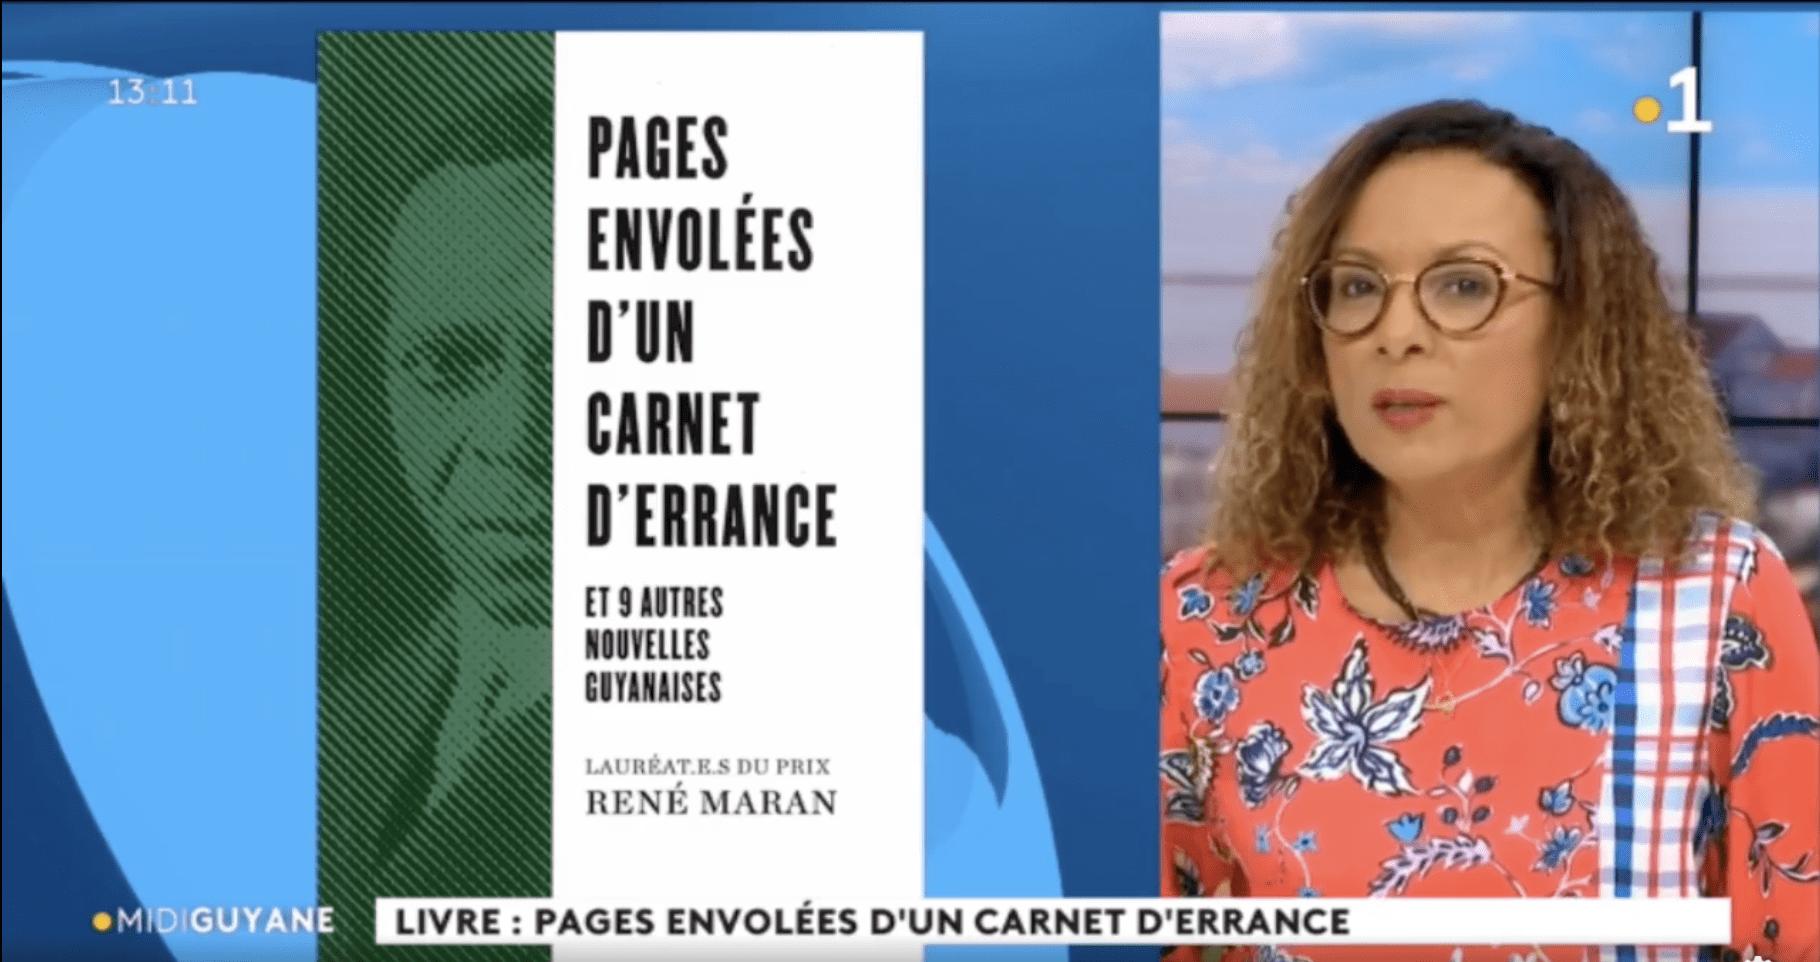 Recueil des 5 Prix René Maran – Guyane 1ère